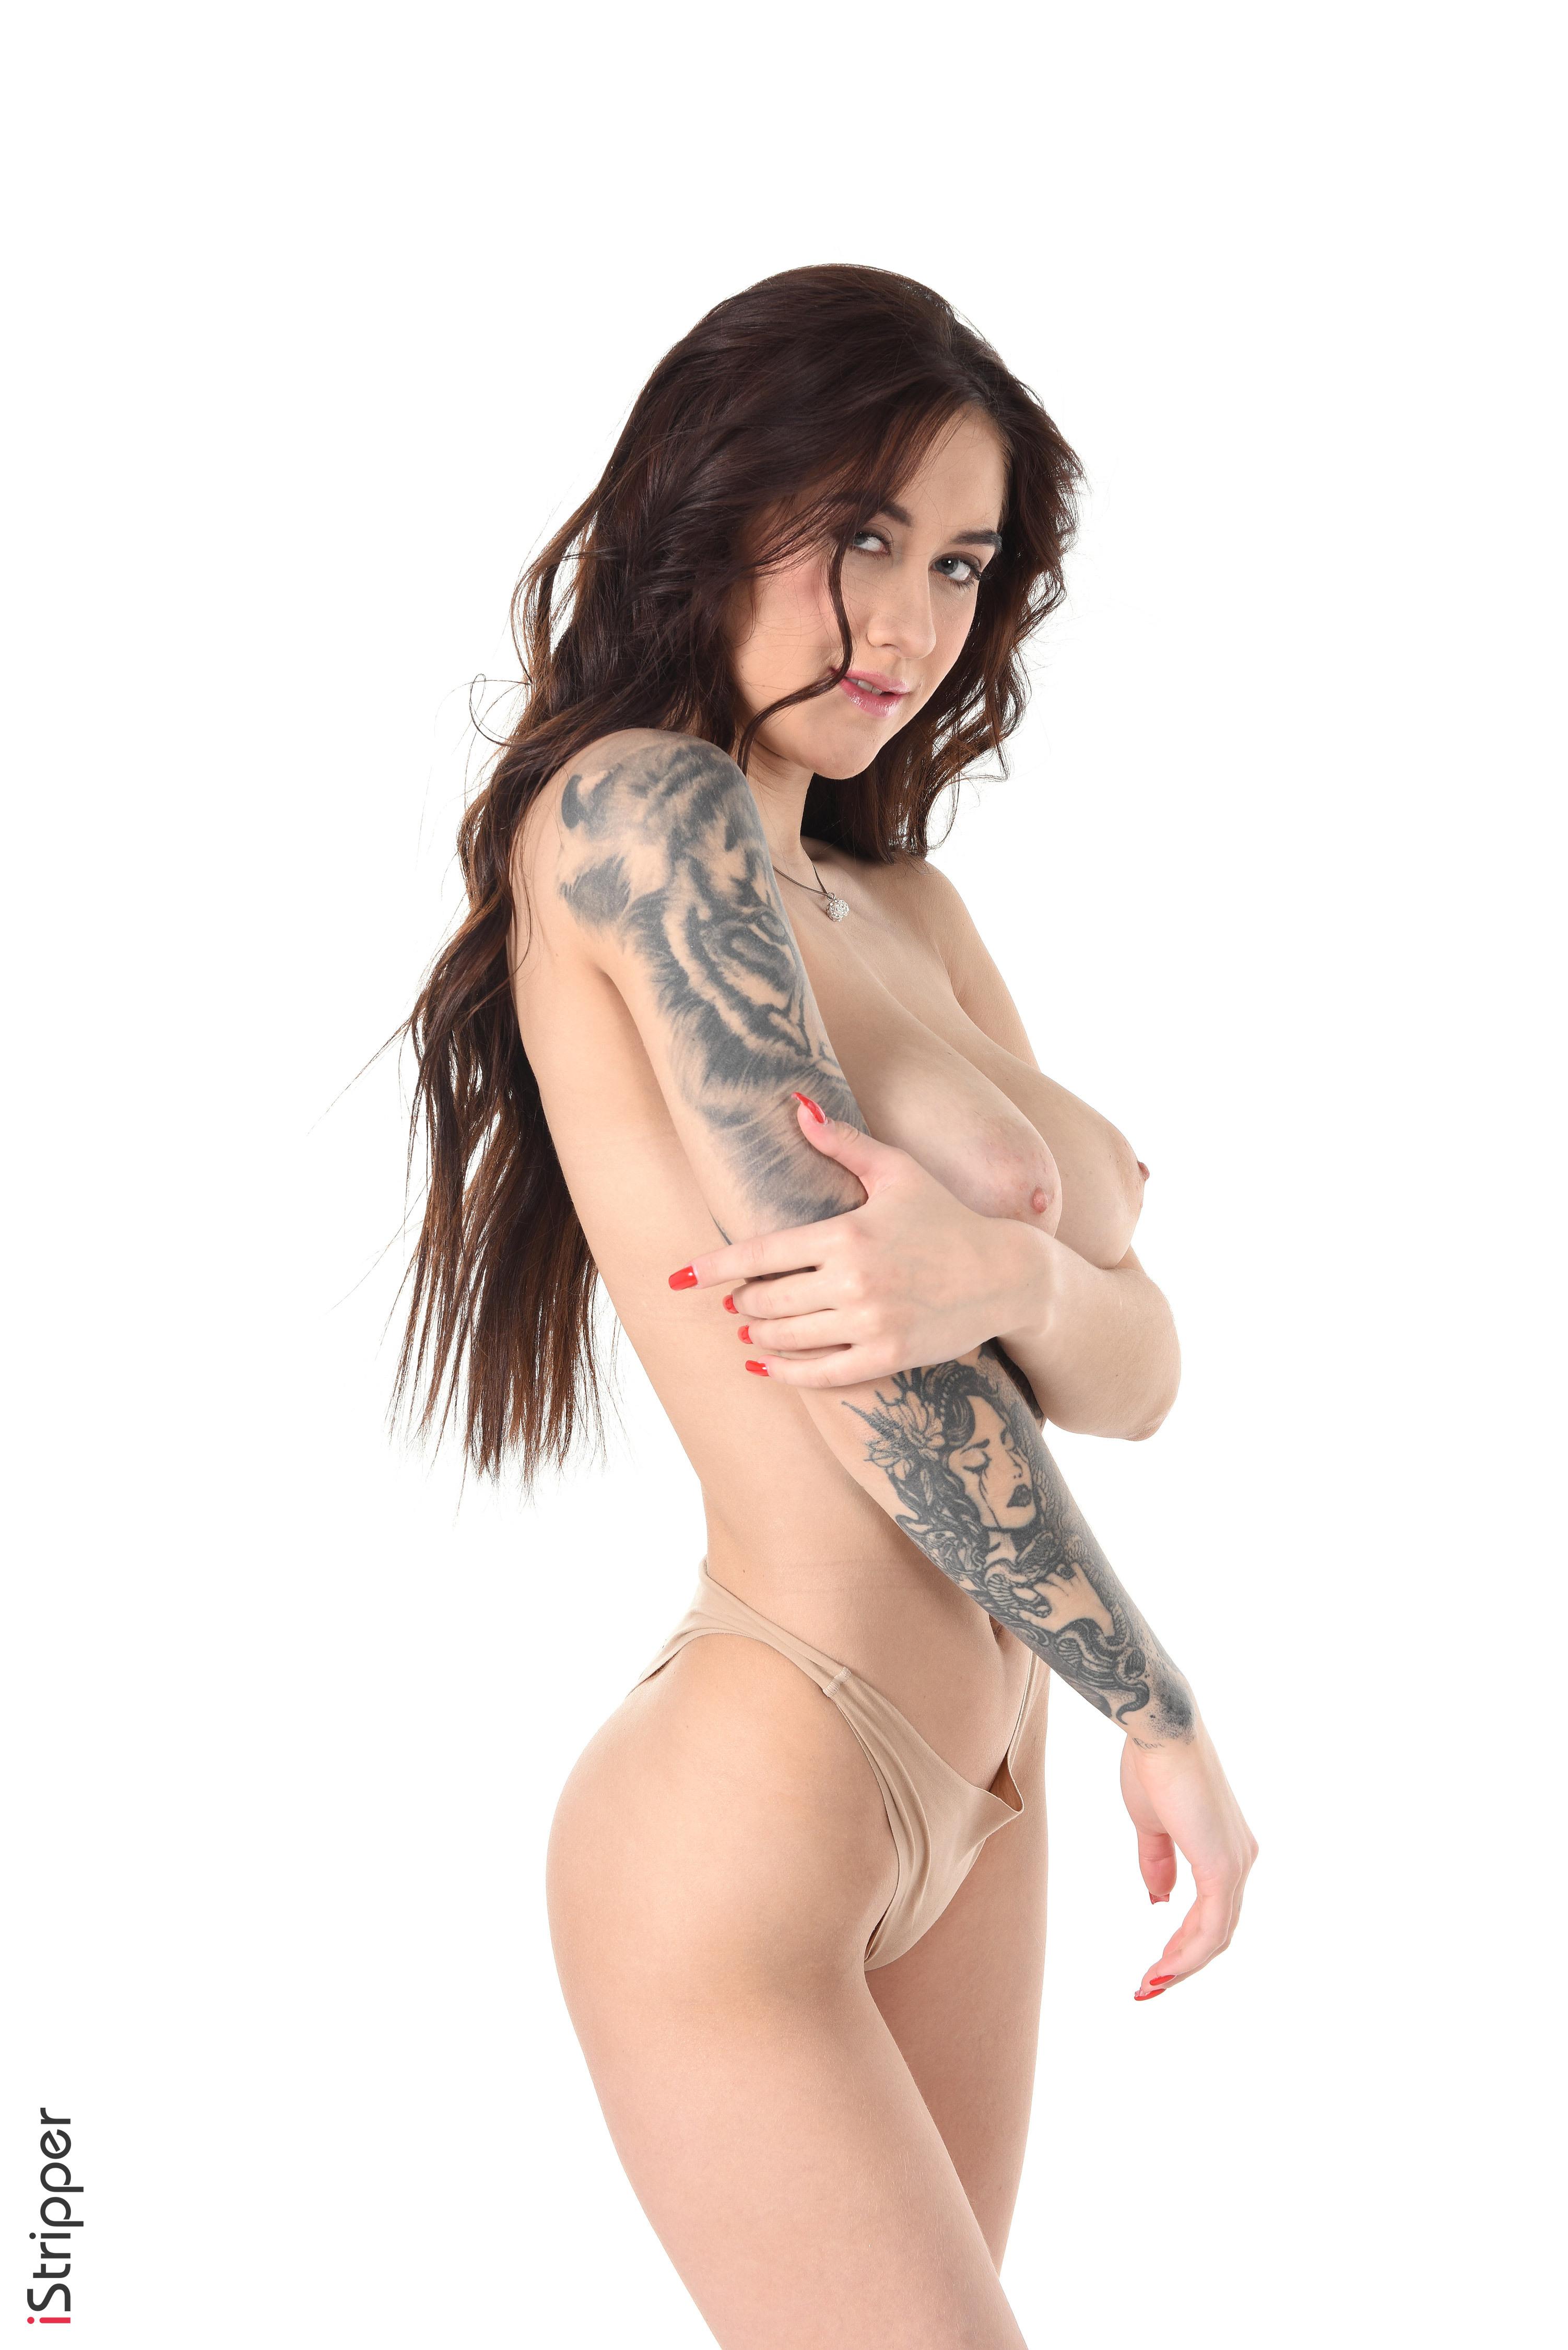 naked grils wallpaper